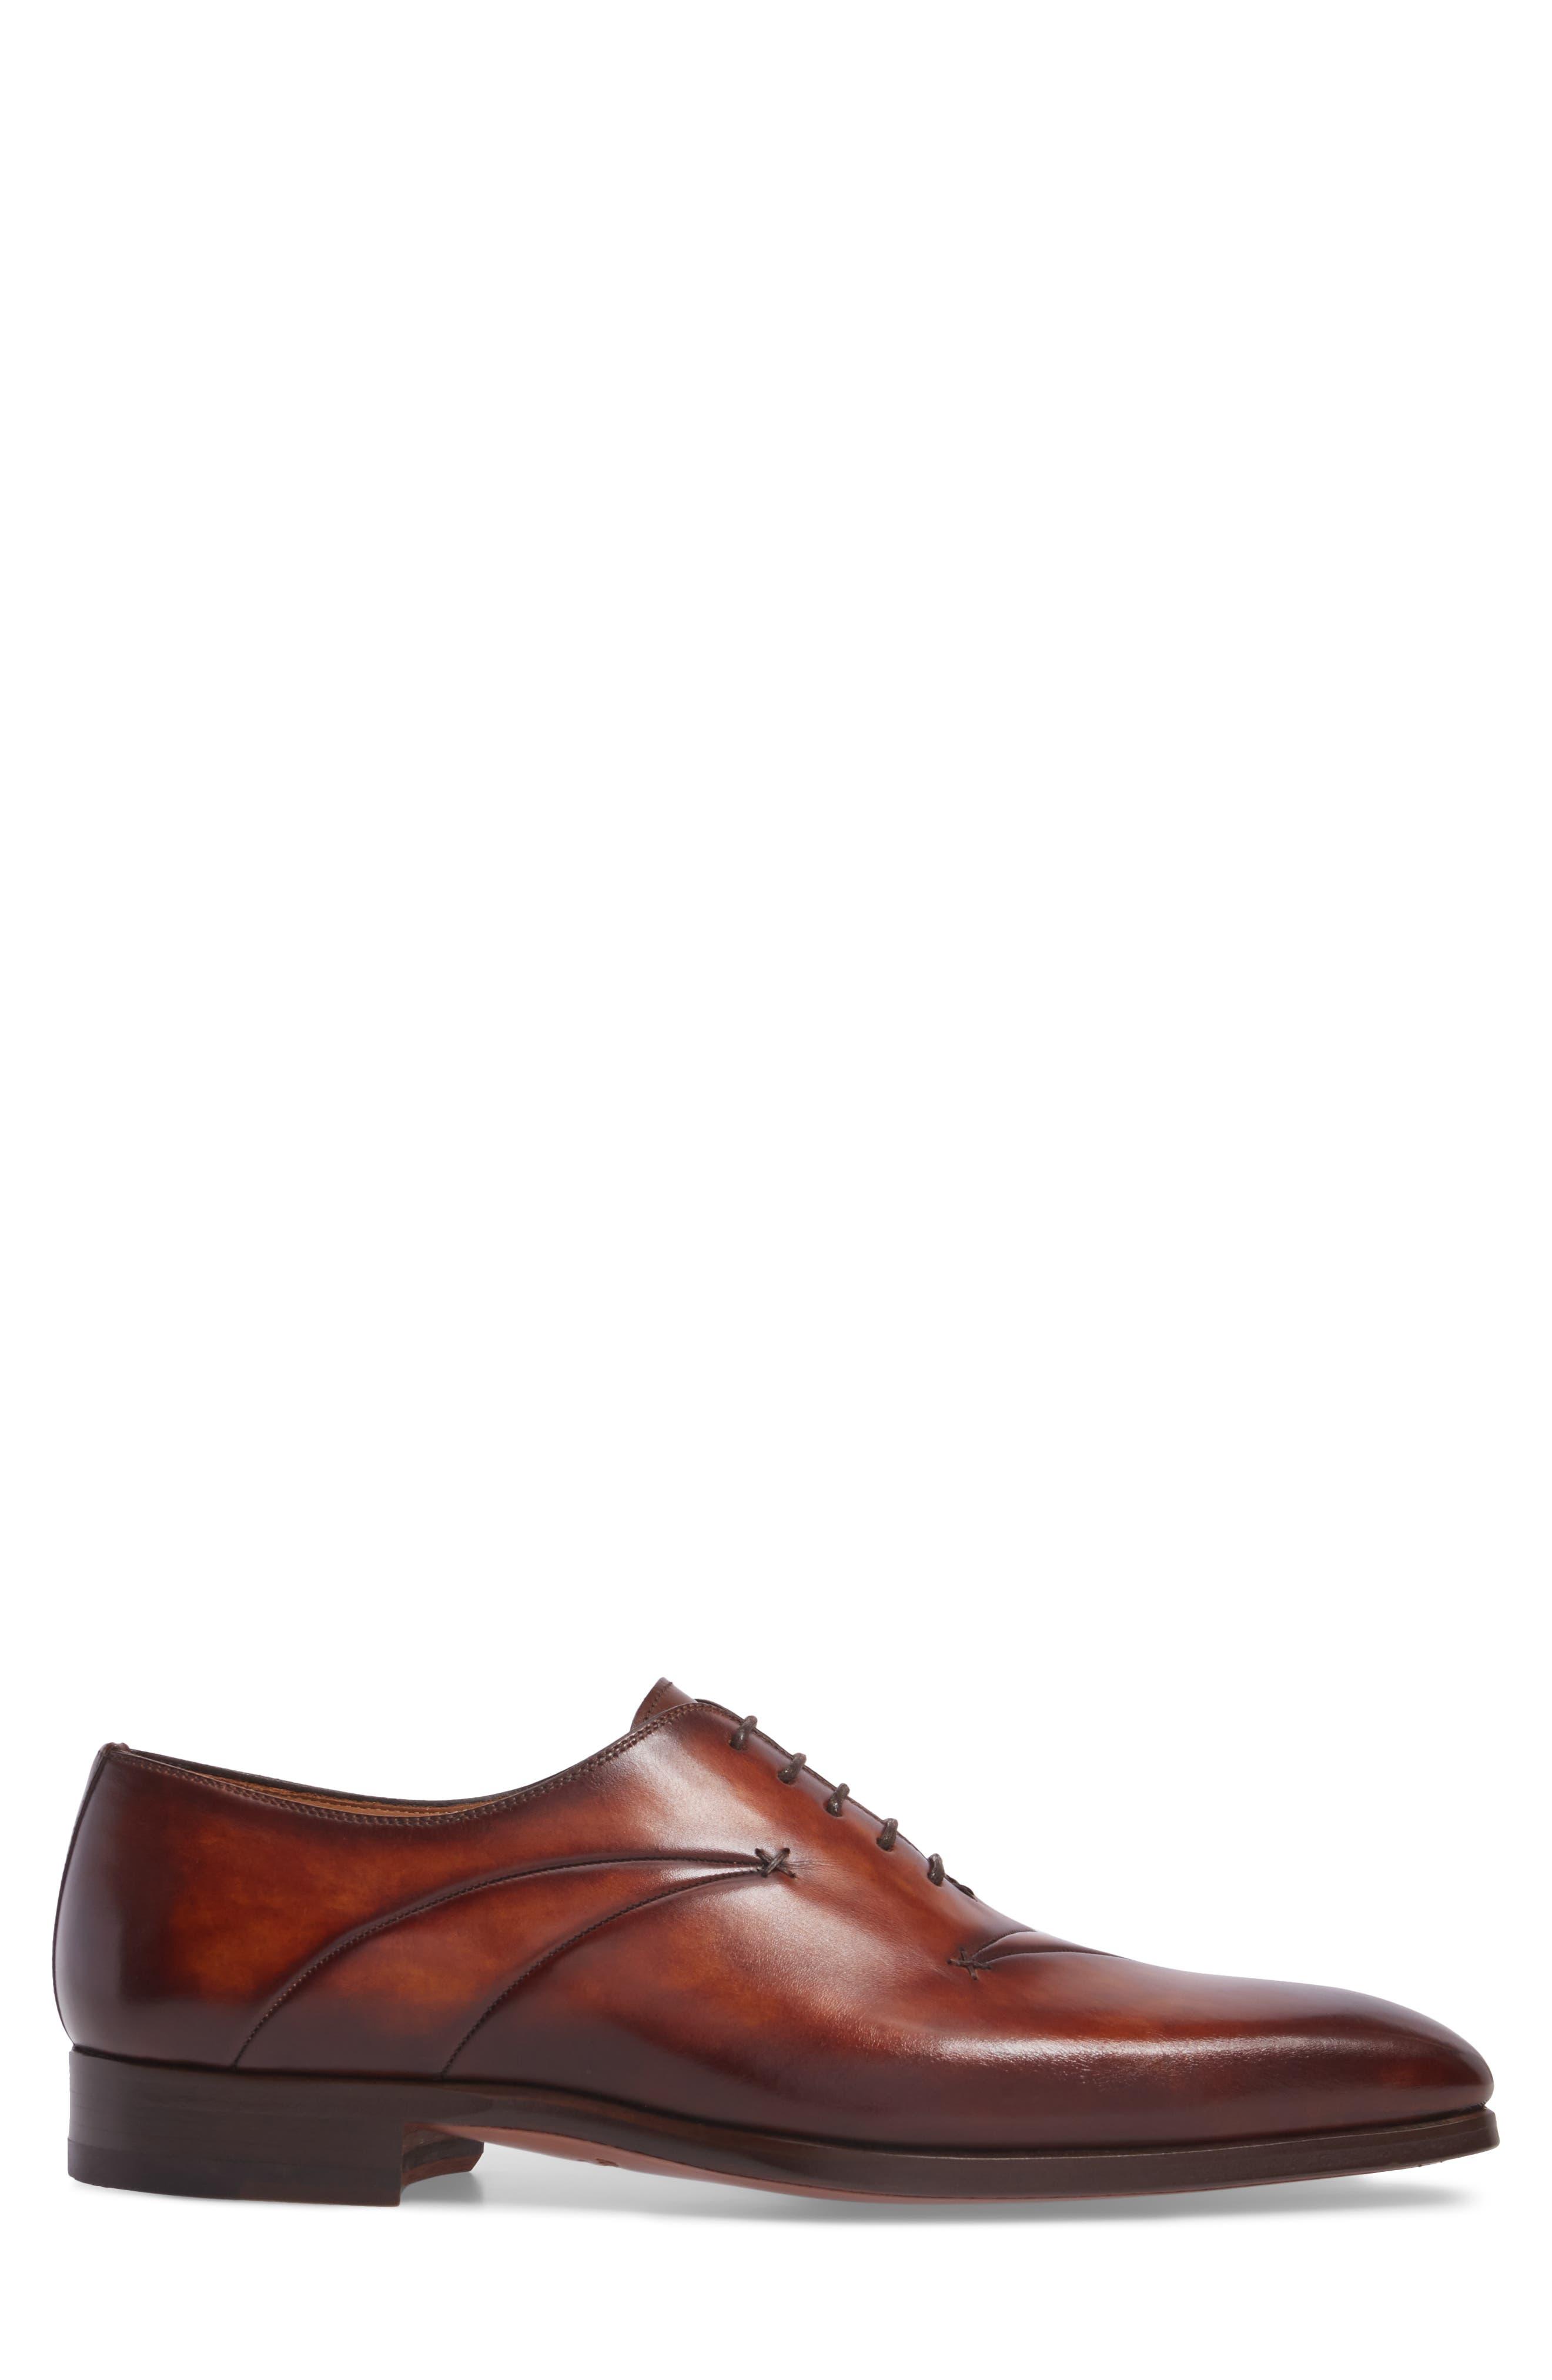 Marquez Stitched Oxford,                             Alternate thumbnail 3, color,                             Cognac Leather